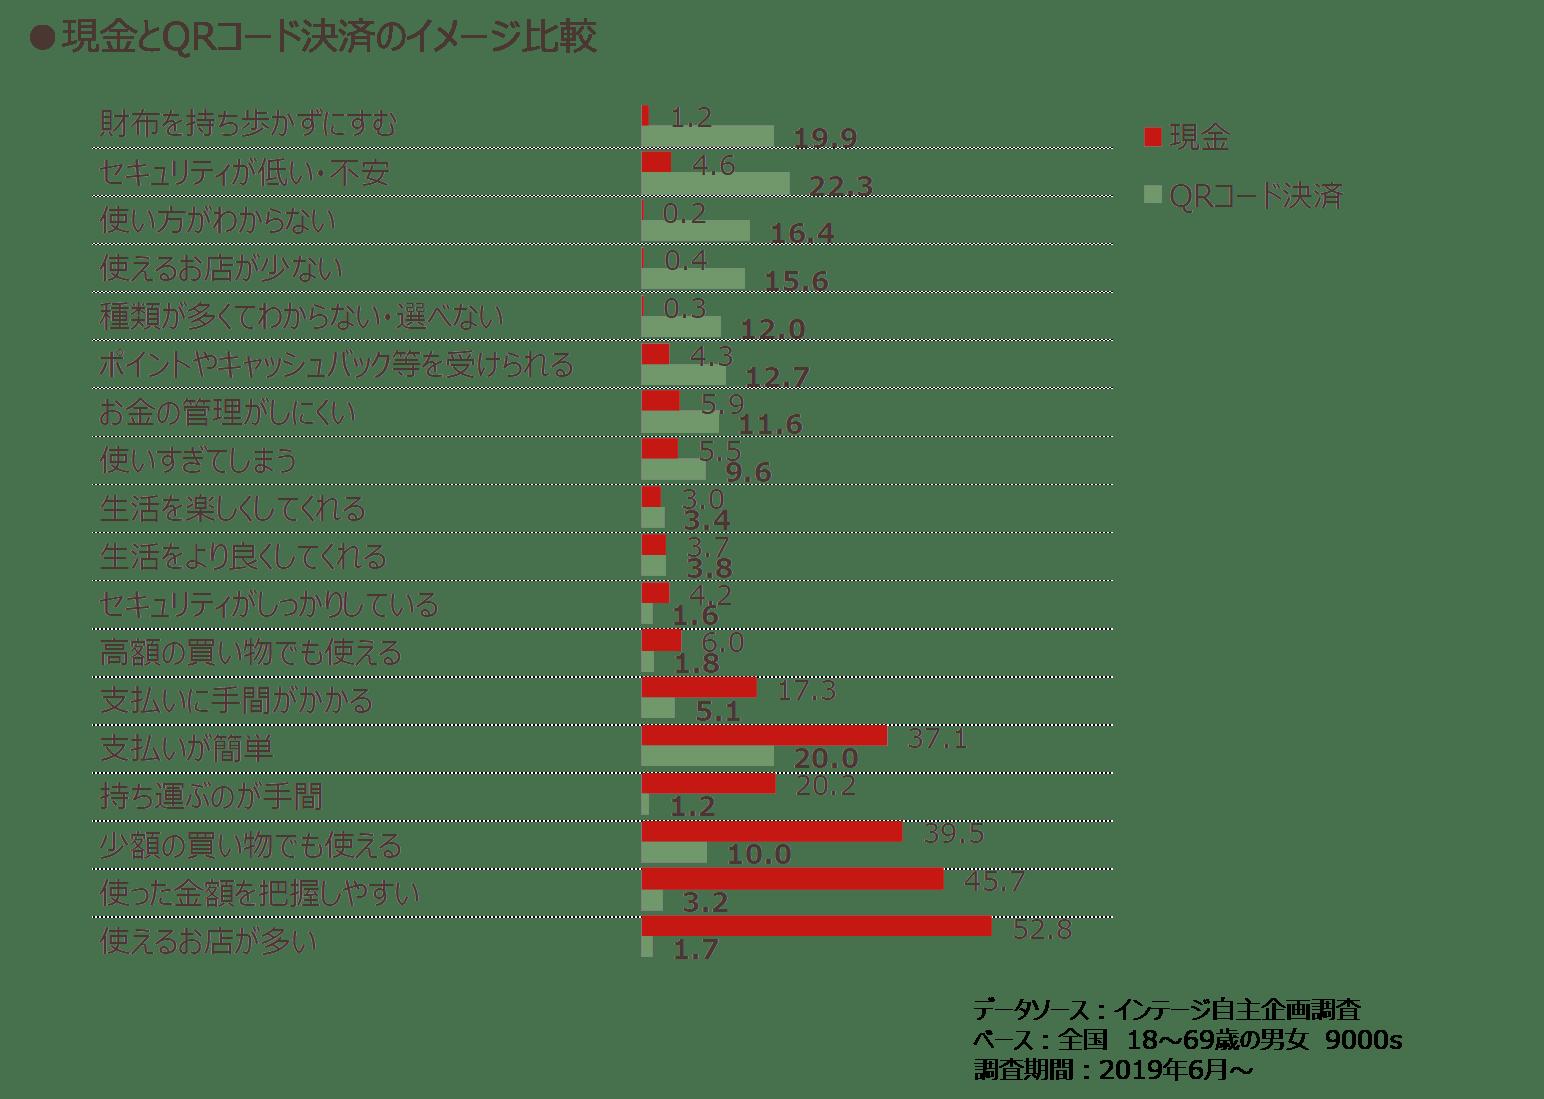 現金とQRコード決済のイメージ比較